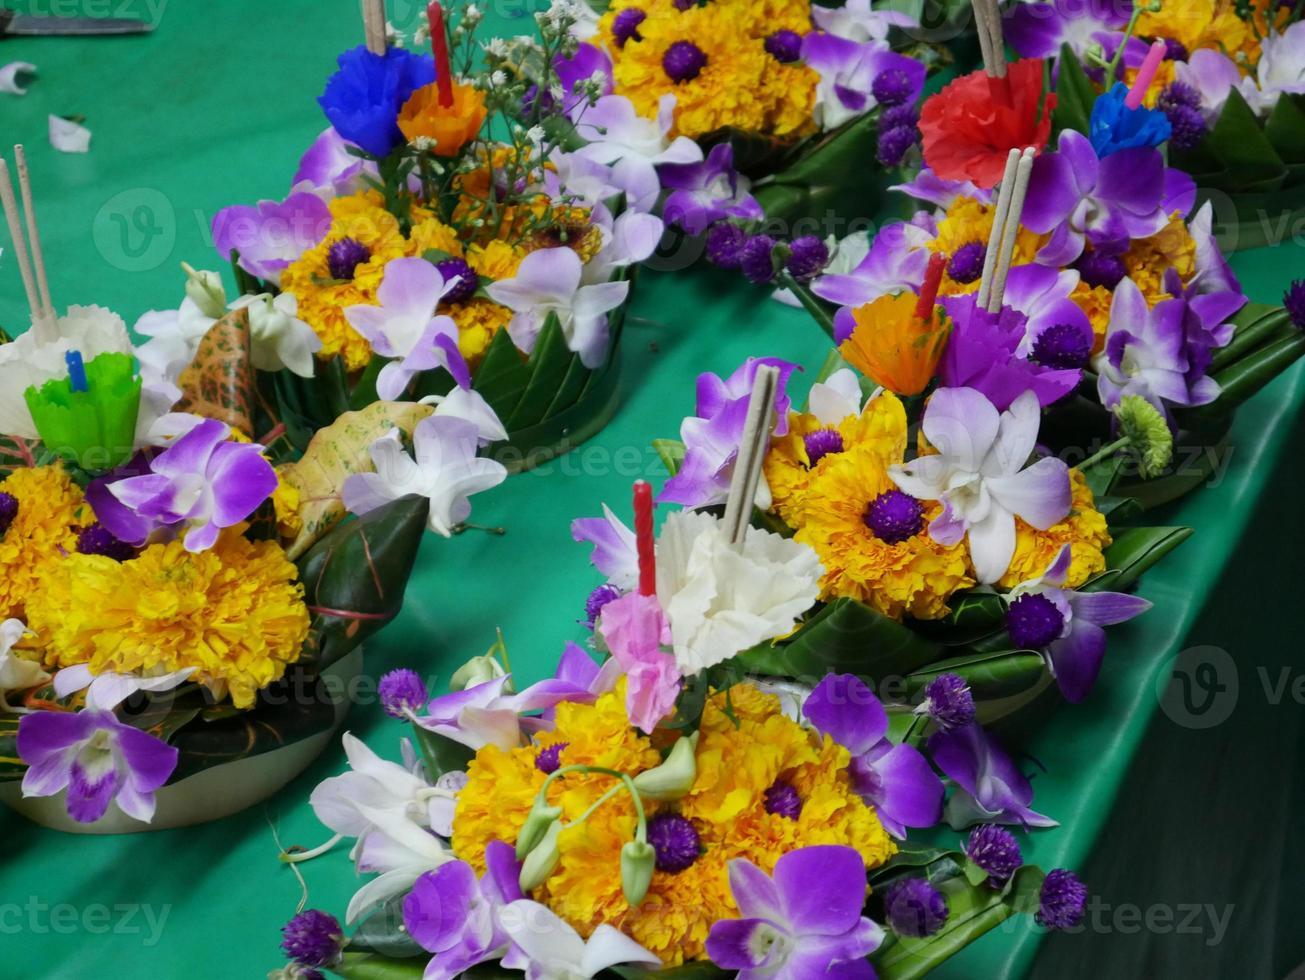 krathongs flottants utilisés pour célébrer pendant le festival loy krathong photo